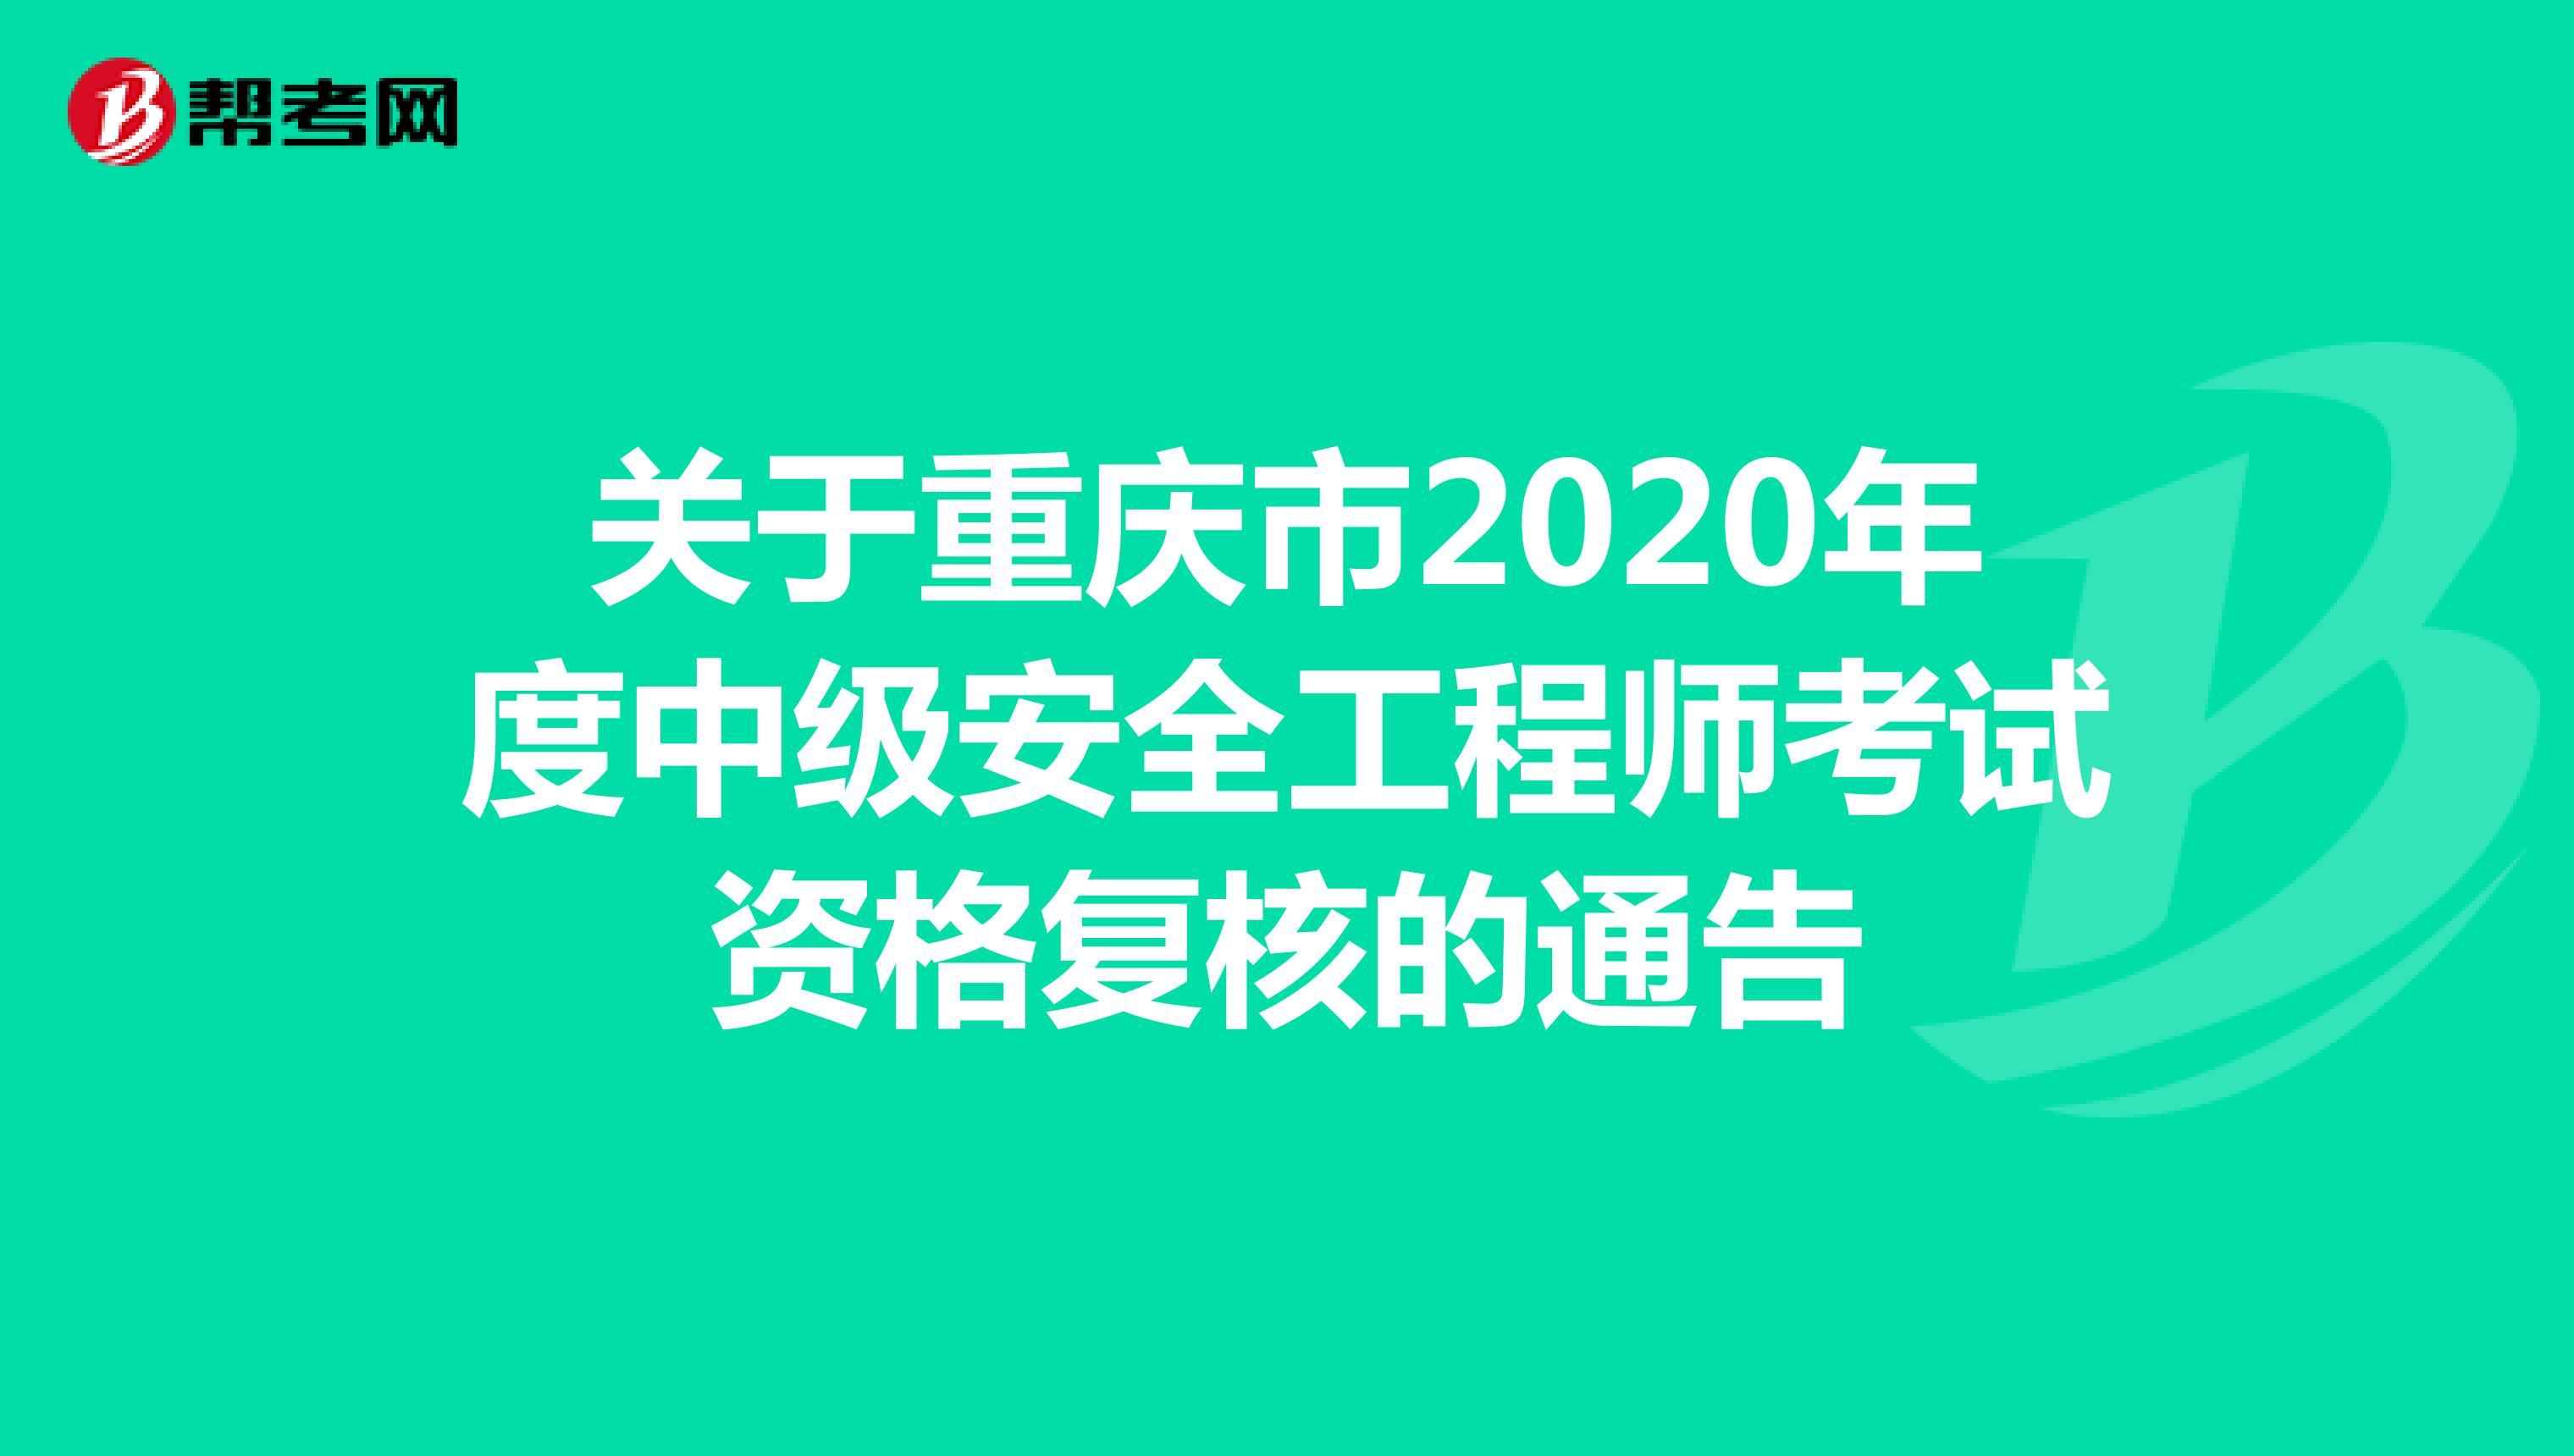 关于重庆市2020年度中级安全工程师考试资格复核的通告